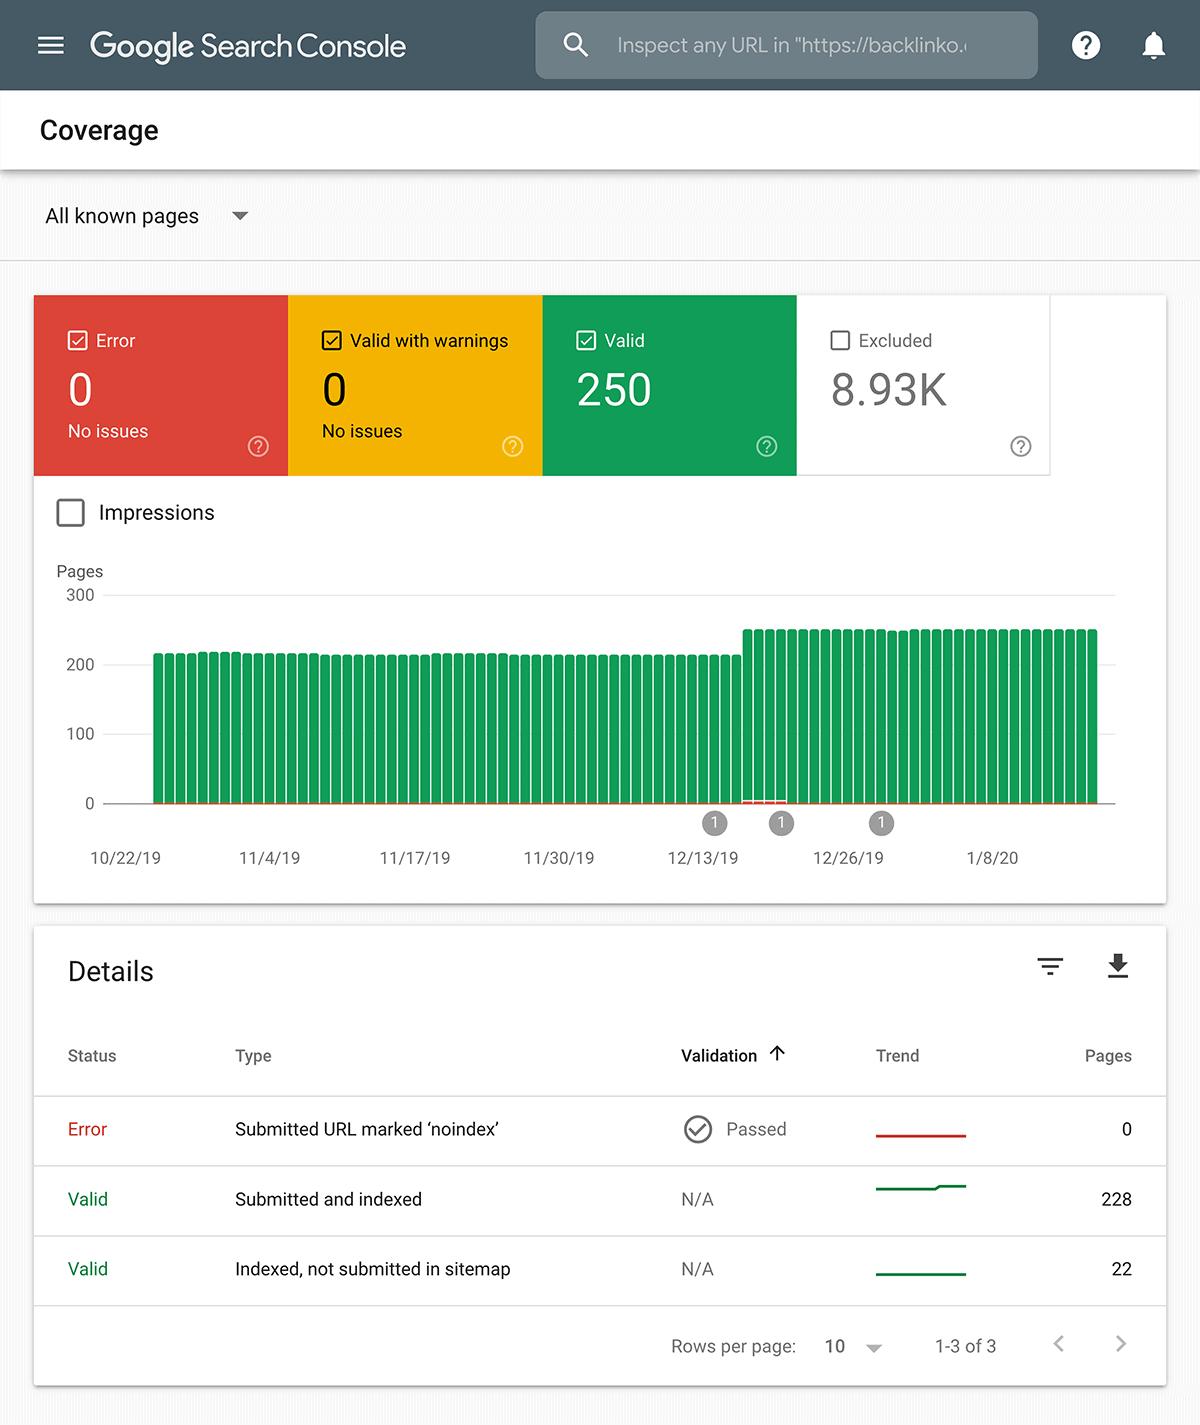 Google Search Console – Coverage report